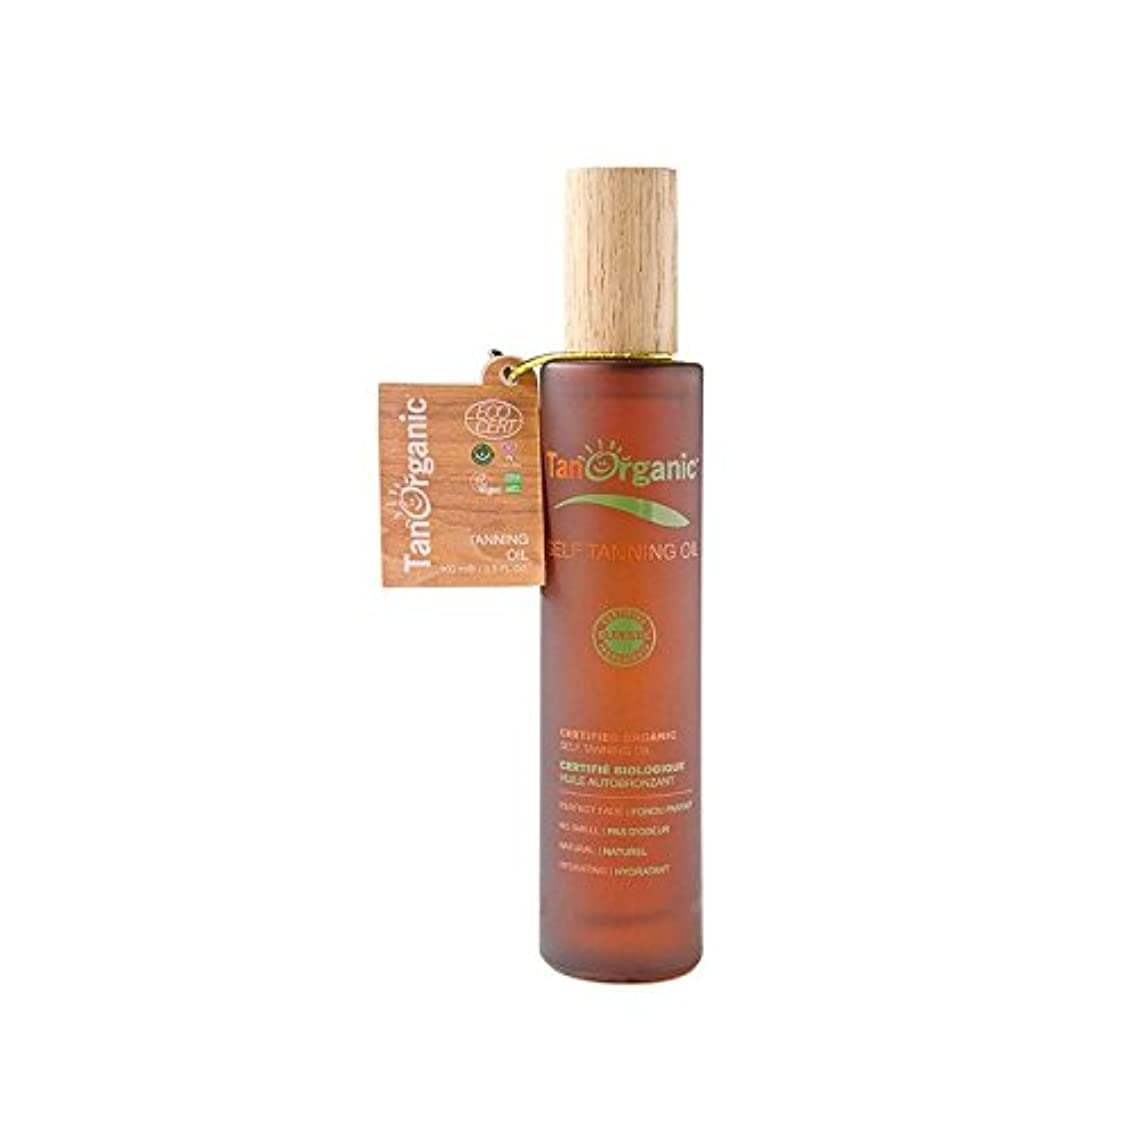 競争相対サイズケープTanorganic自己日焼け顔&ボディオイル (Tan Organic) - TanOrganic Self-Tan Face & Body Oil [並行輸入品]